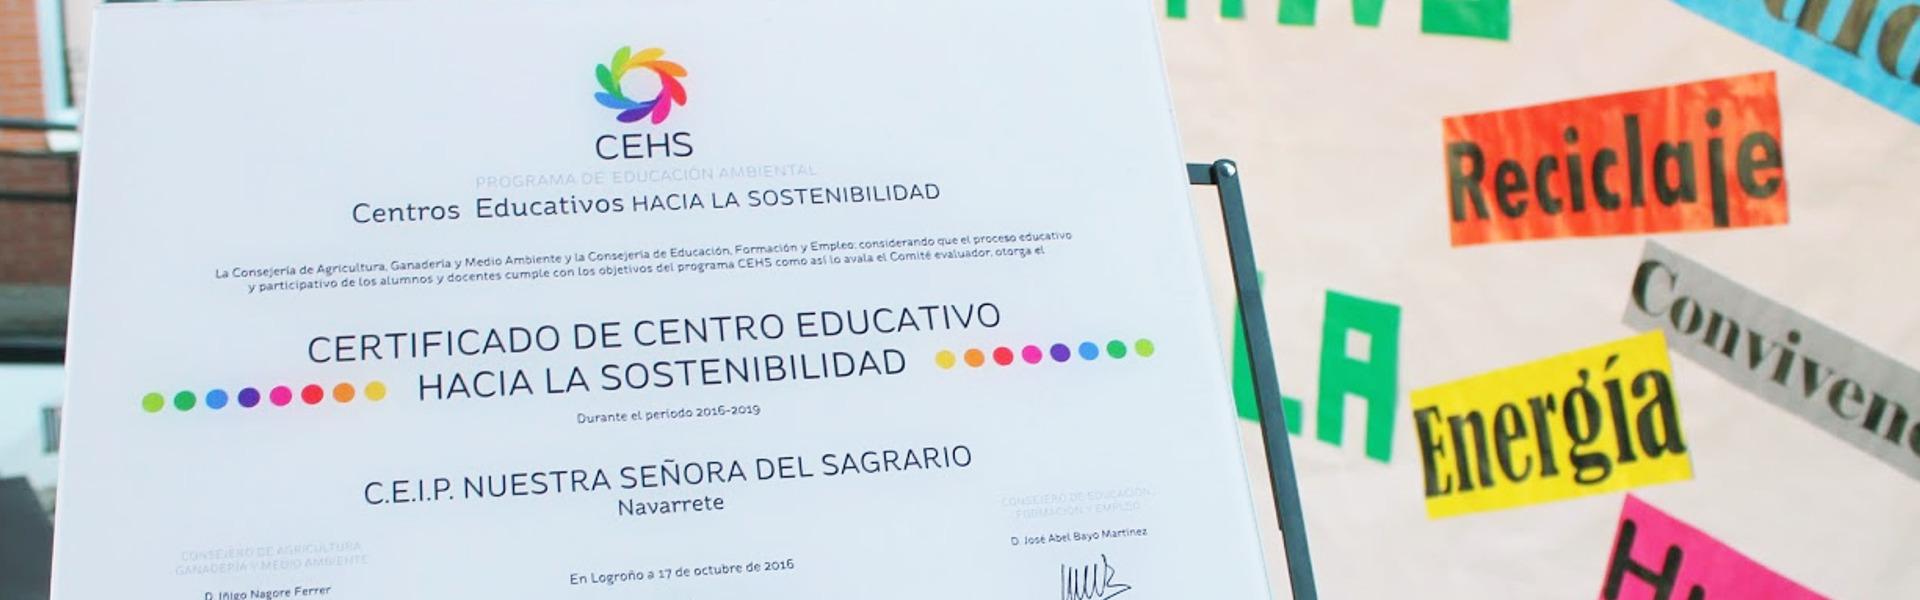 Proyecto de Centros Educativos Hacia la Sostenibilidad (CEHS)